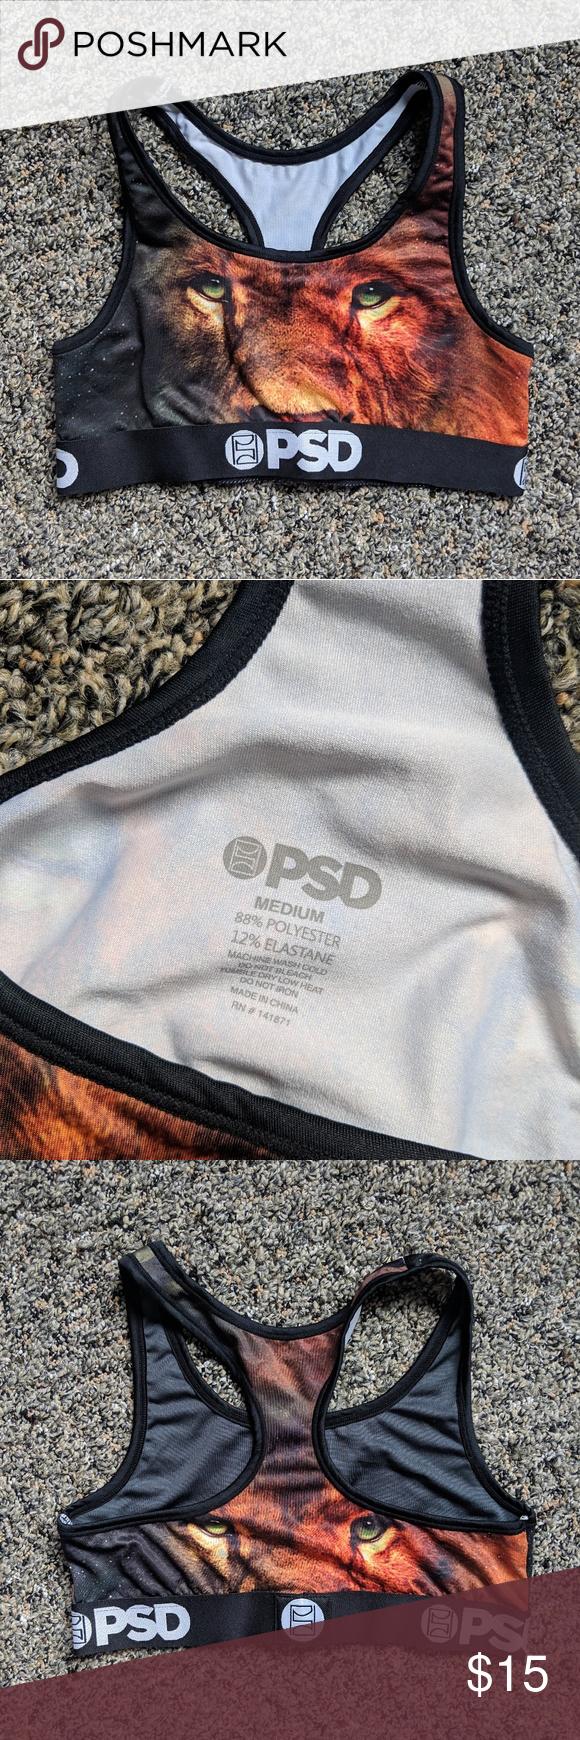 4f22a8ead1166 PSD Underwear Lion Sports Bra Unique PSD Underwear